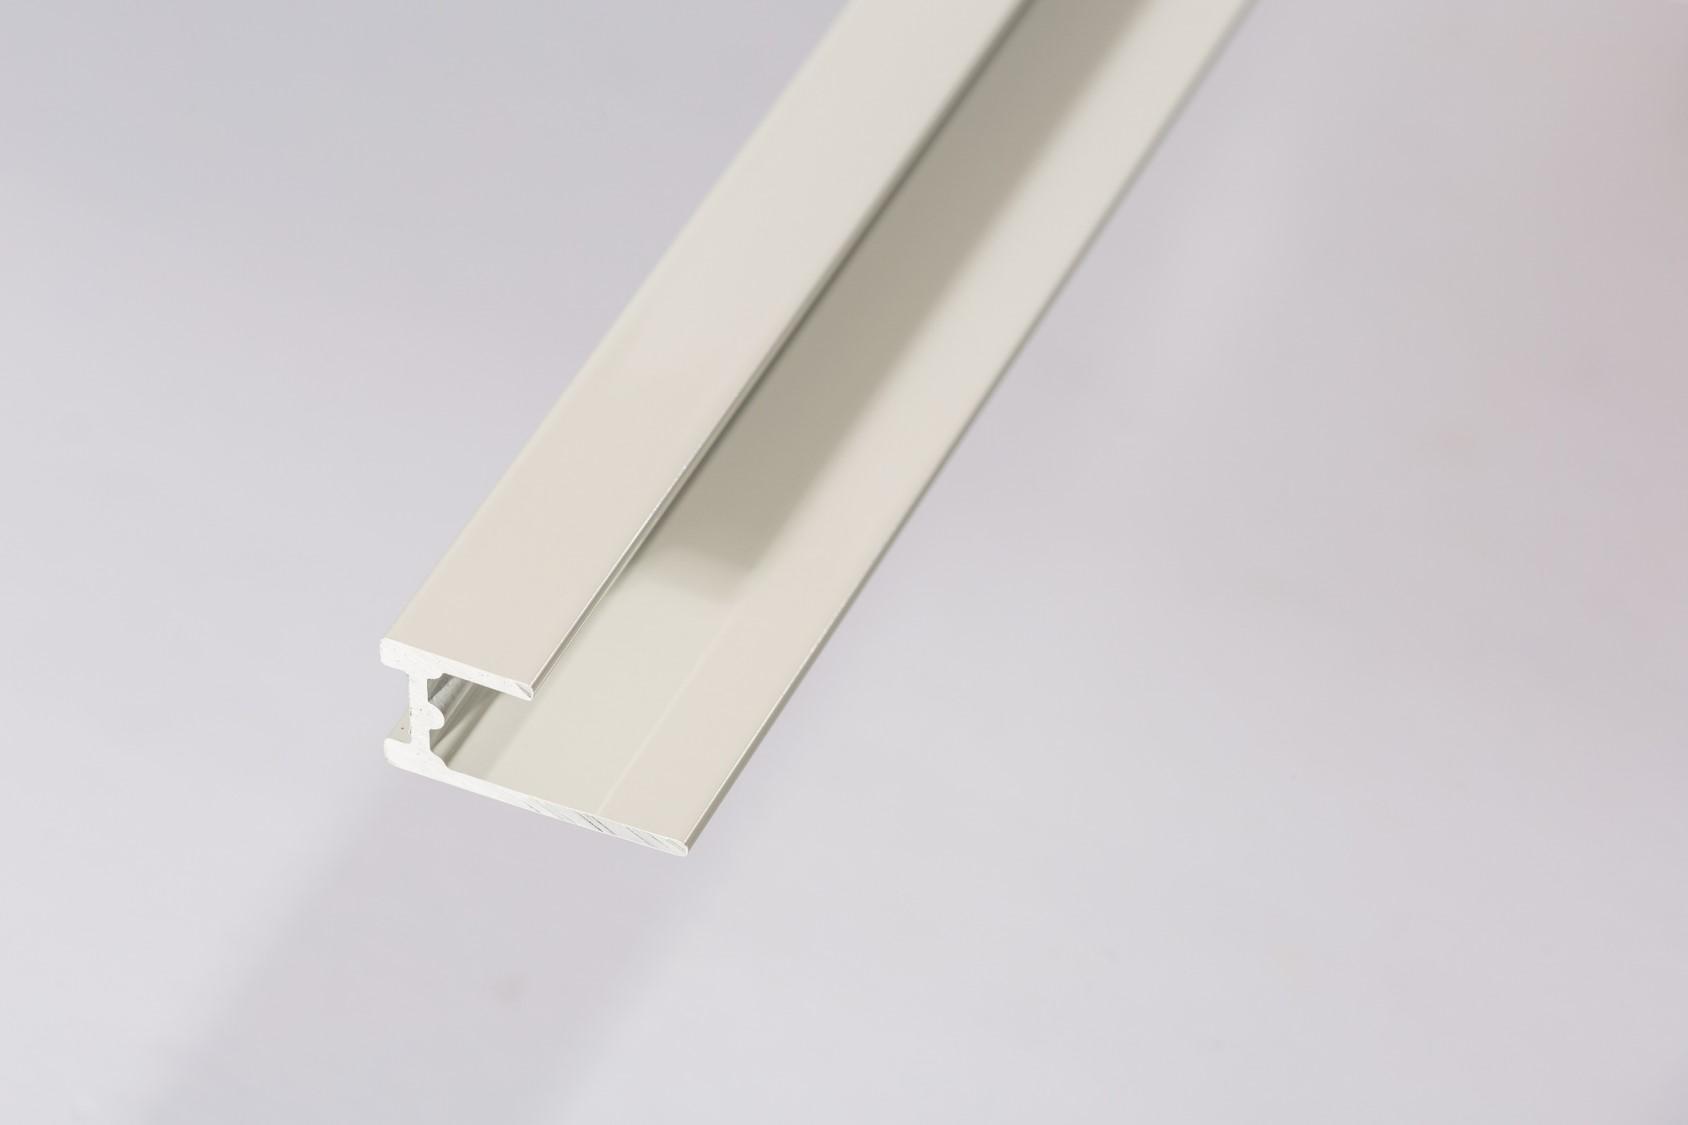 AQ10 Base Seal - Aluminium - Storm Building Products